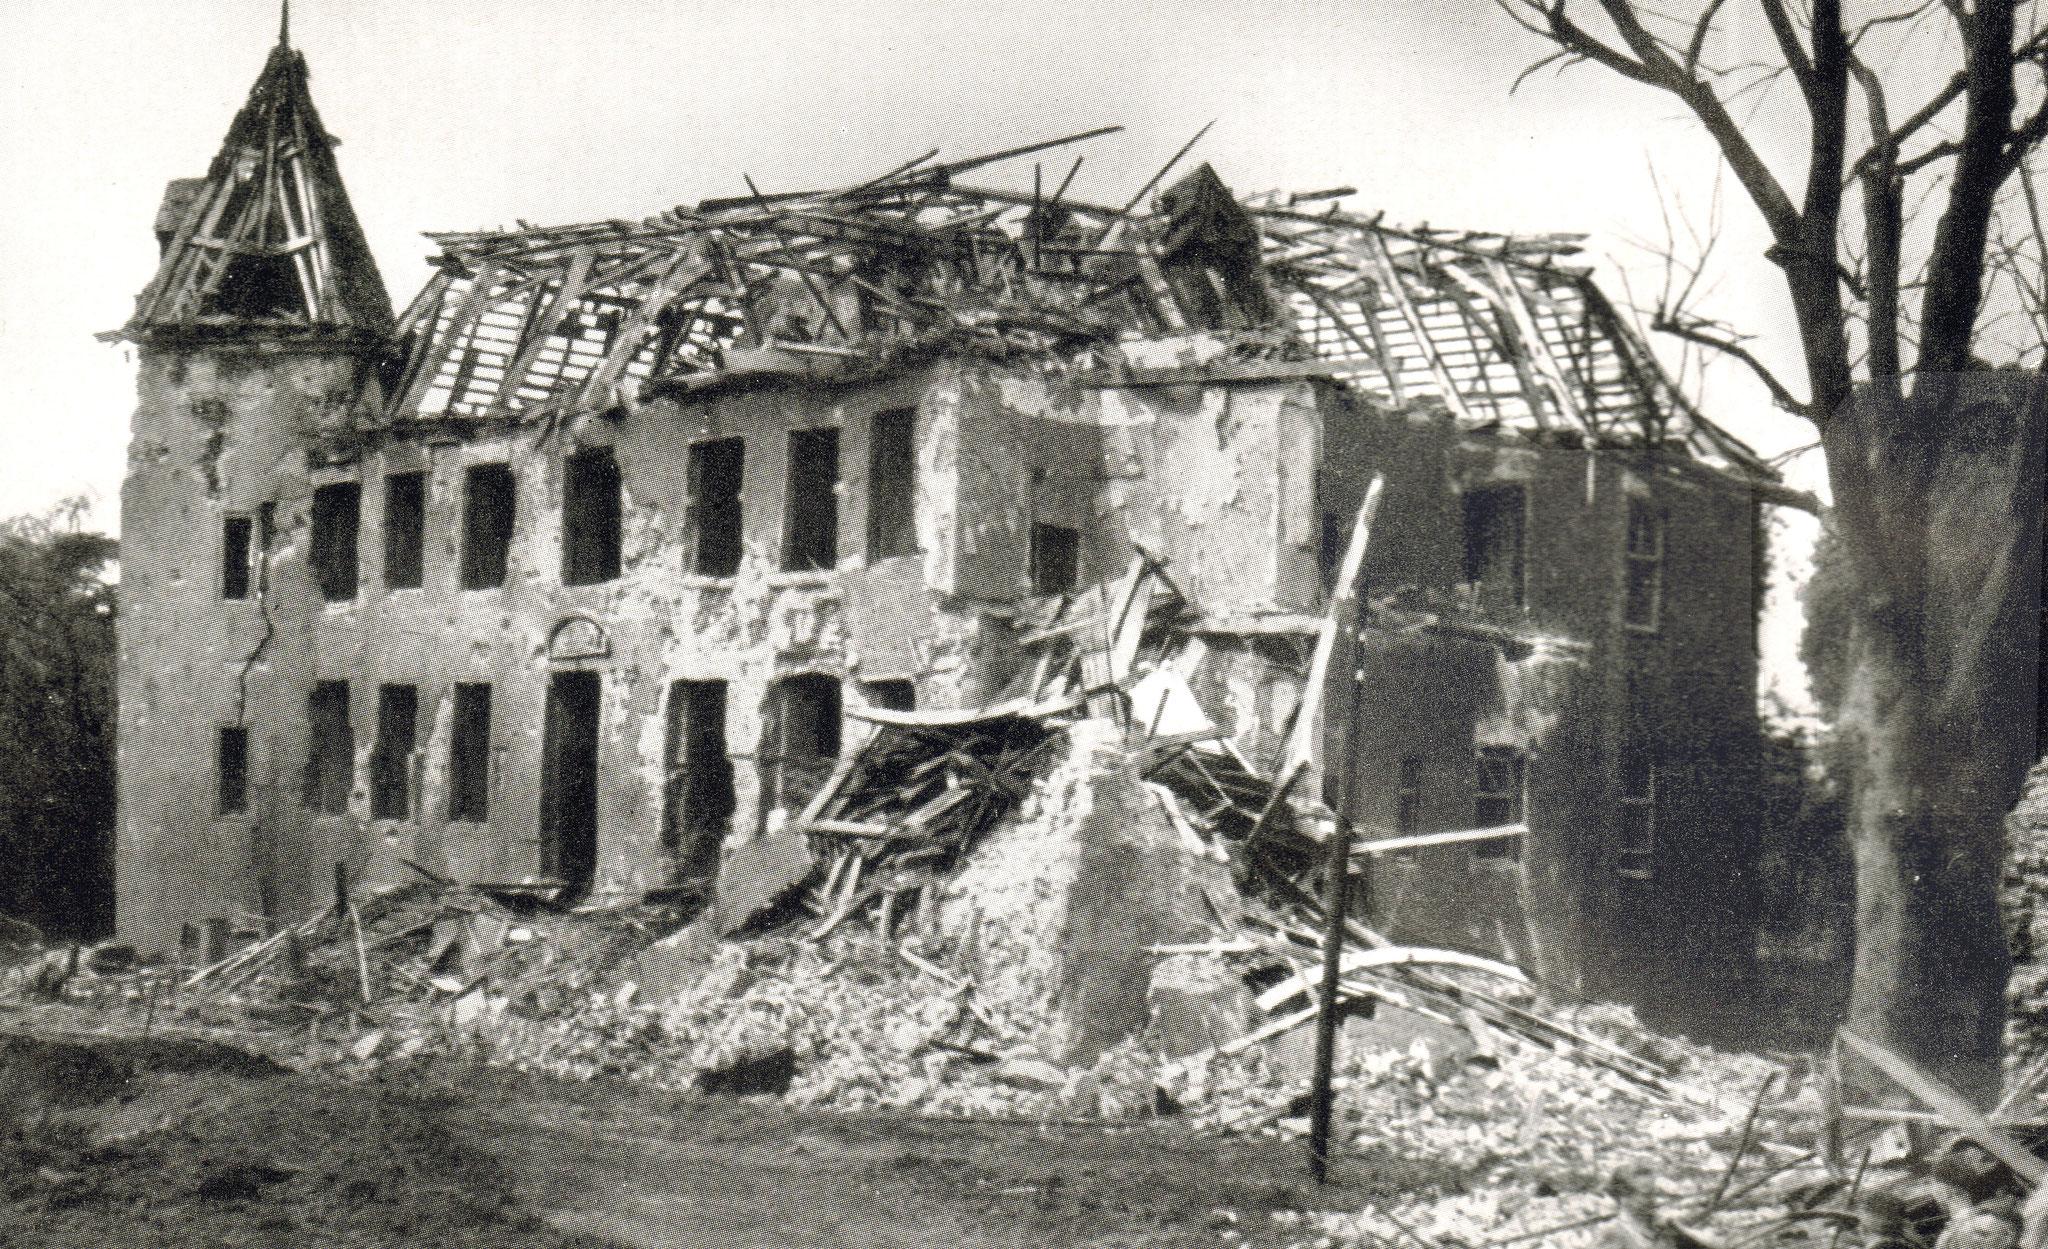 Haus Ickern nach dem Bombenangriff vom 06 - 07. August 1944